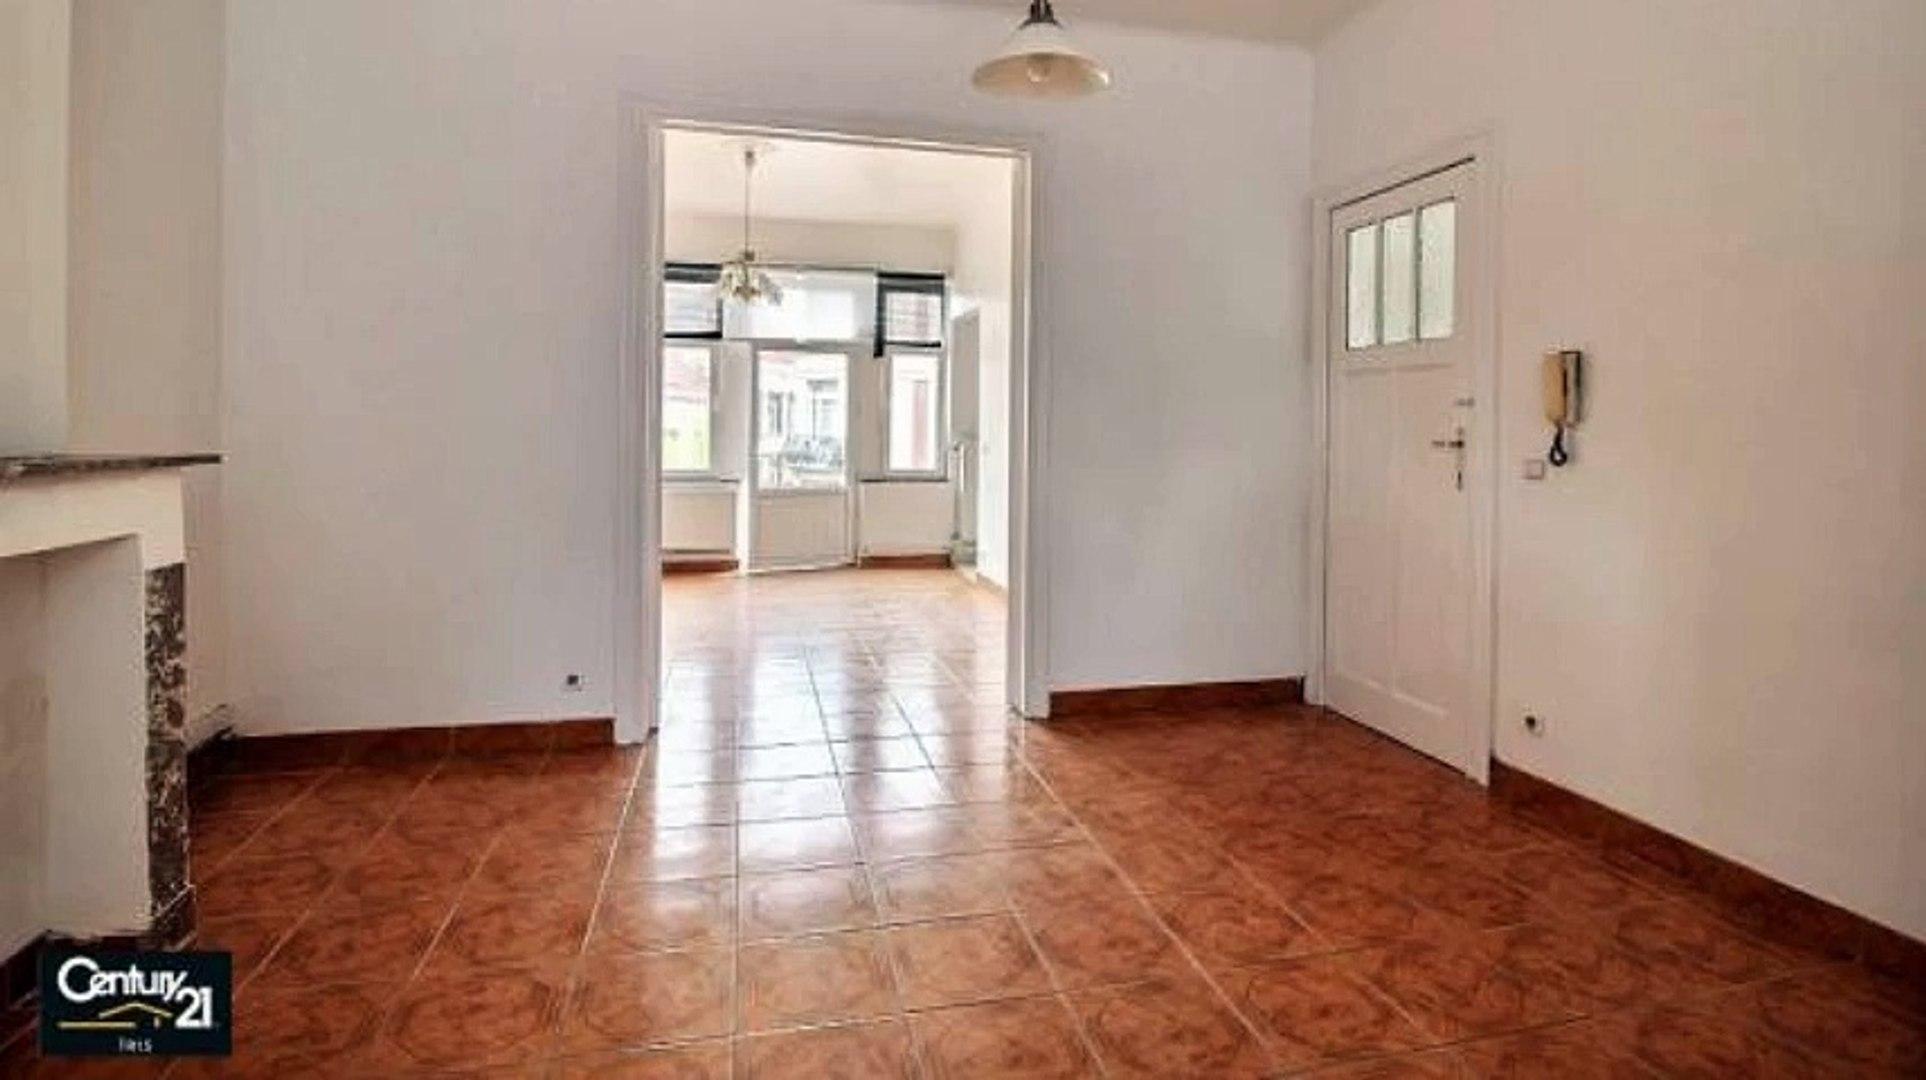 For Sale - 229 000€ - Apartment - 1030 Schaarbeek